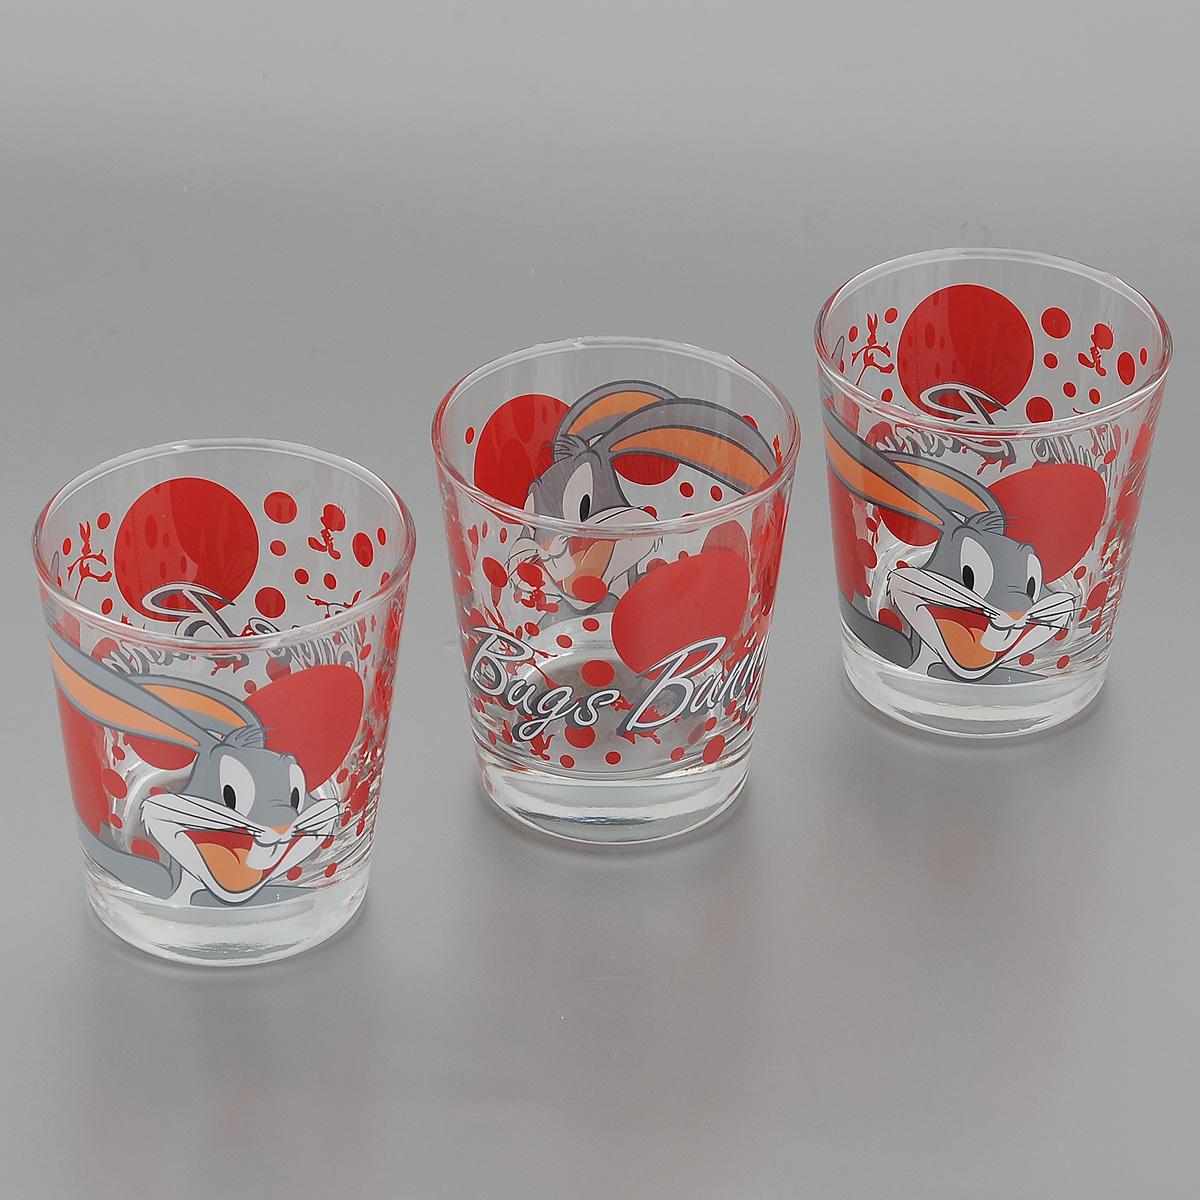 Набор стаканов Pasabahce Bugs Bunny, 180 мл, 3 шт42874B/DНабор Pasabahce Bugs Bunny состоит из трех стаканов, выполненных из прочного натрий-кальций-силикатного стекла. Стаканы декорированы изображением Диснеевского героя - Багза Банни. Изделия хорошо удерживают тепло, не нагреваются. На них не выгорает и не вымывается рисунок. Теперь заставить вашего малыша сесть поесть будет очень просто. Посуда Pasabahce будет радовать детей яркими и интересными рисунками, а родителей качеством изготовления. Не рекомендуется мыть в посудомоечных машинах и использовать в микроволновых печах. Диаметр стакана по верхнему краю: 7 см. Высота стакана: 8 см.